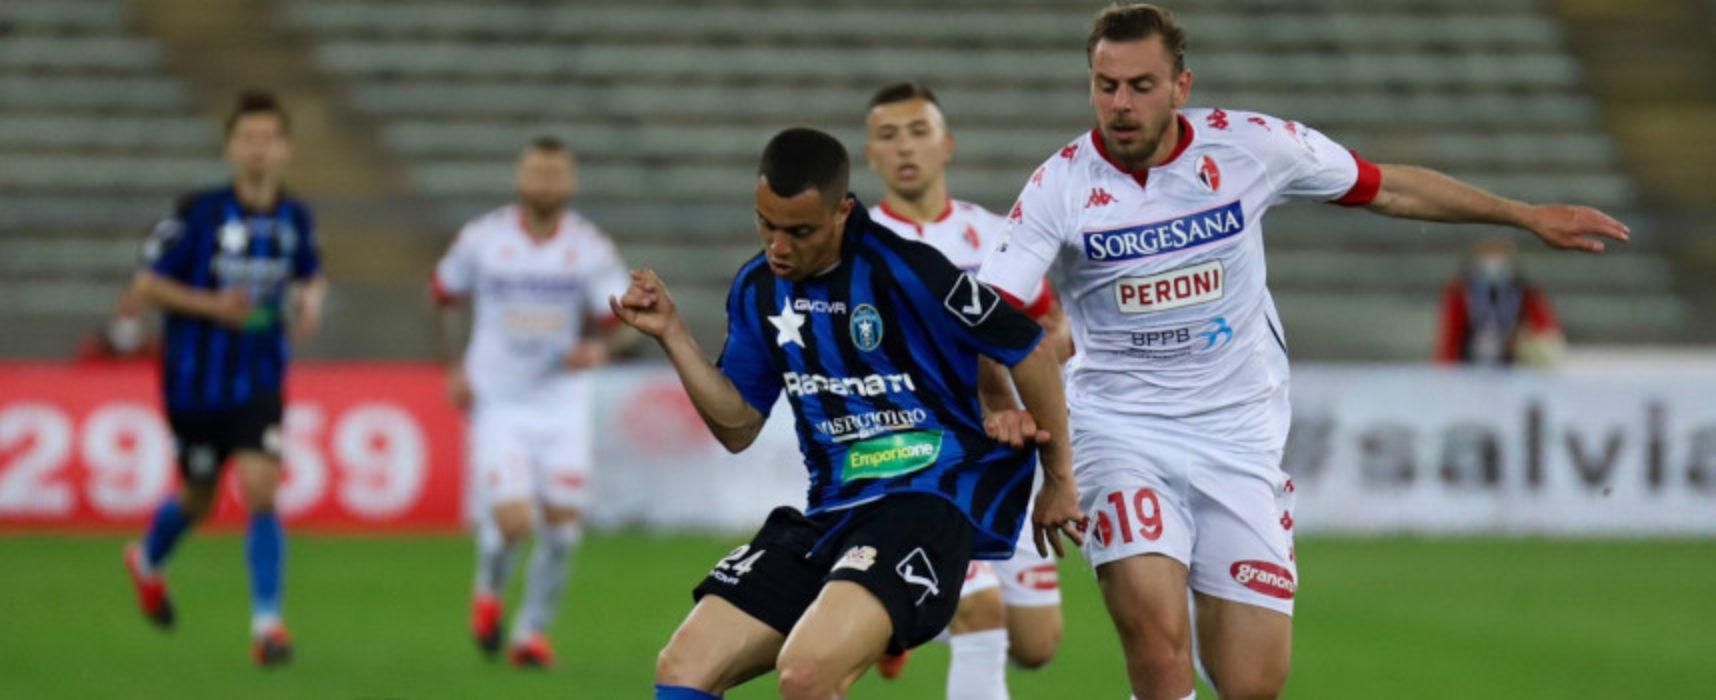 Rocco-gol ma il Bari vince in rimonta